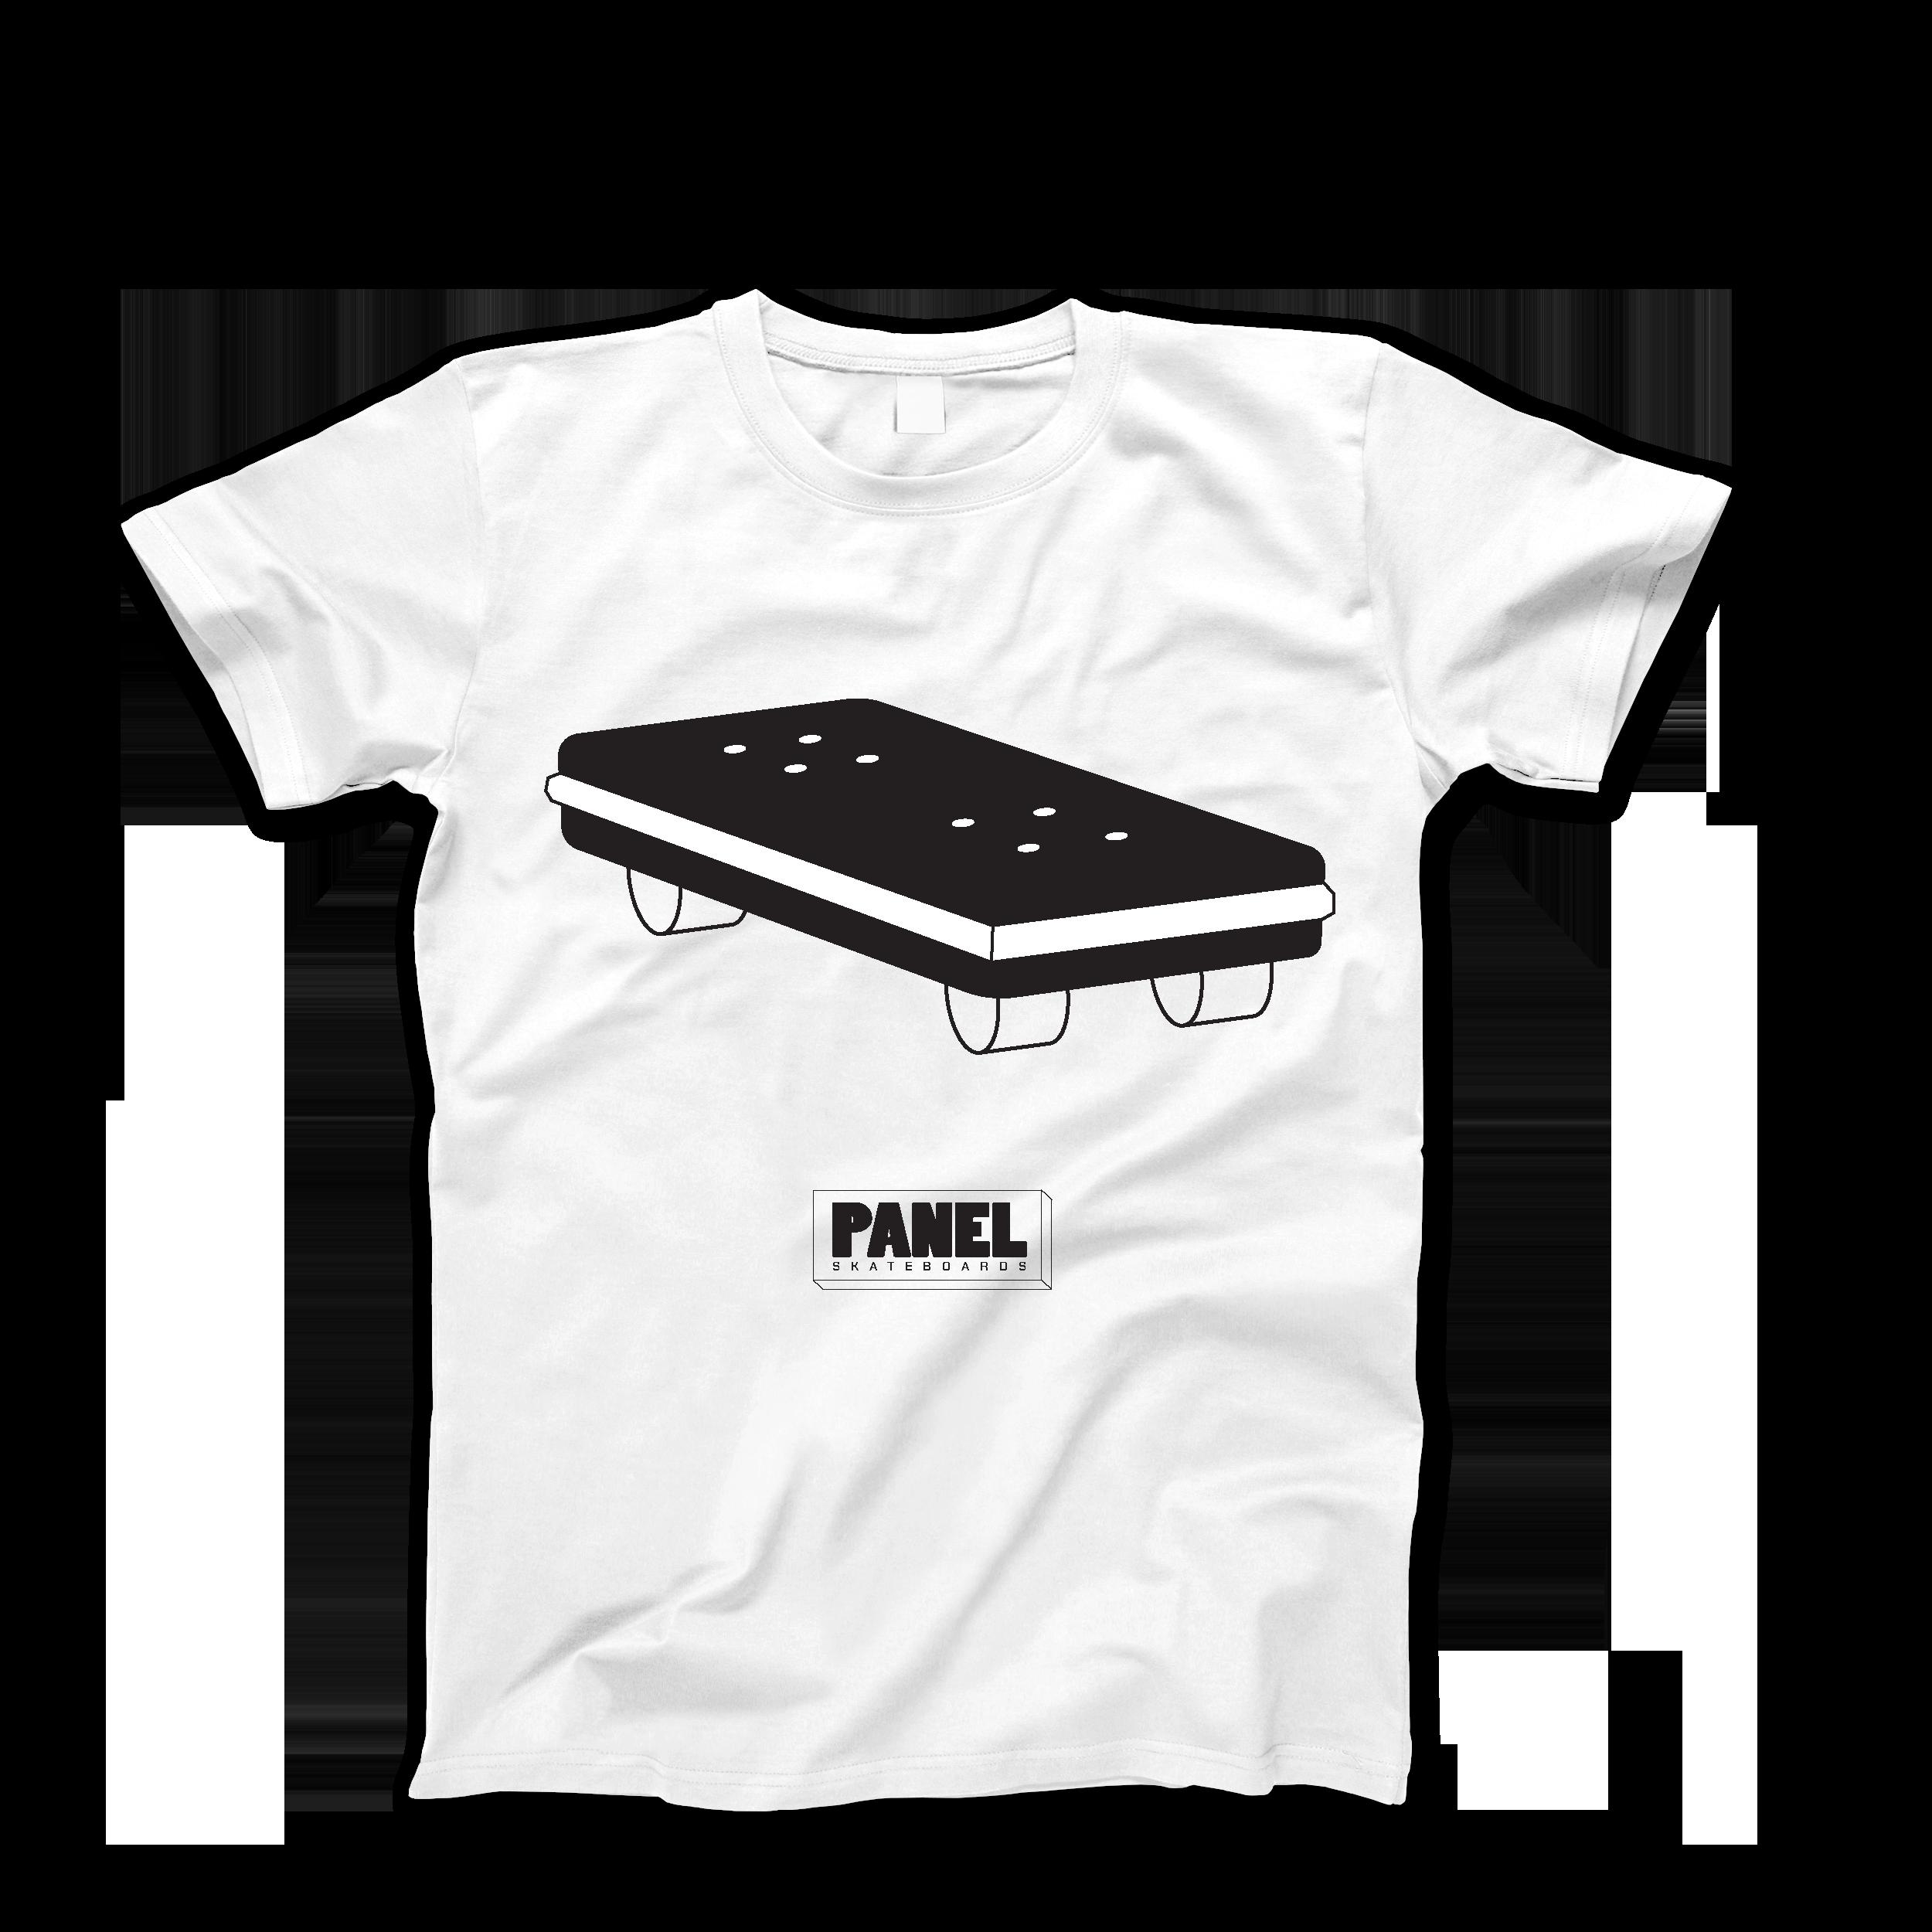 PanelTee_04.png